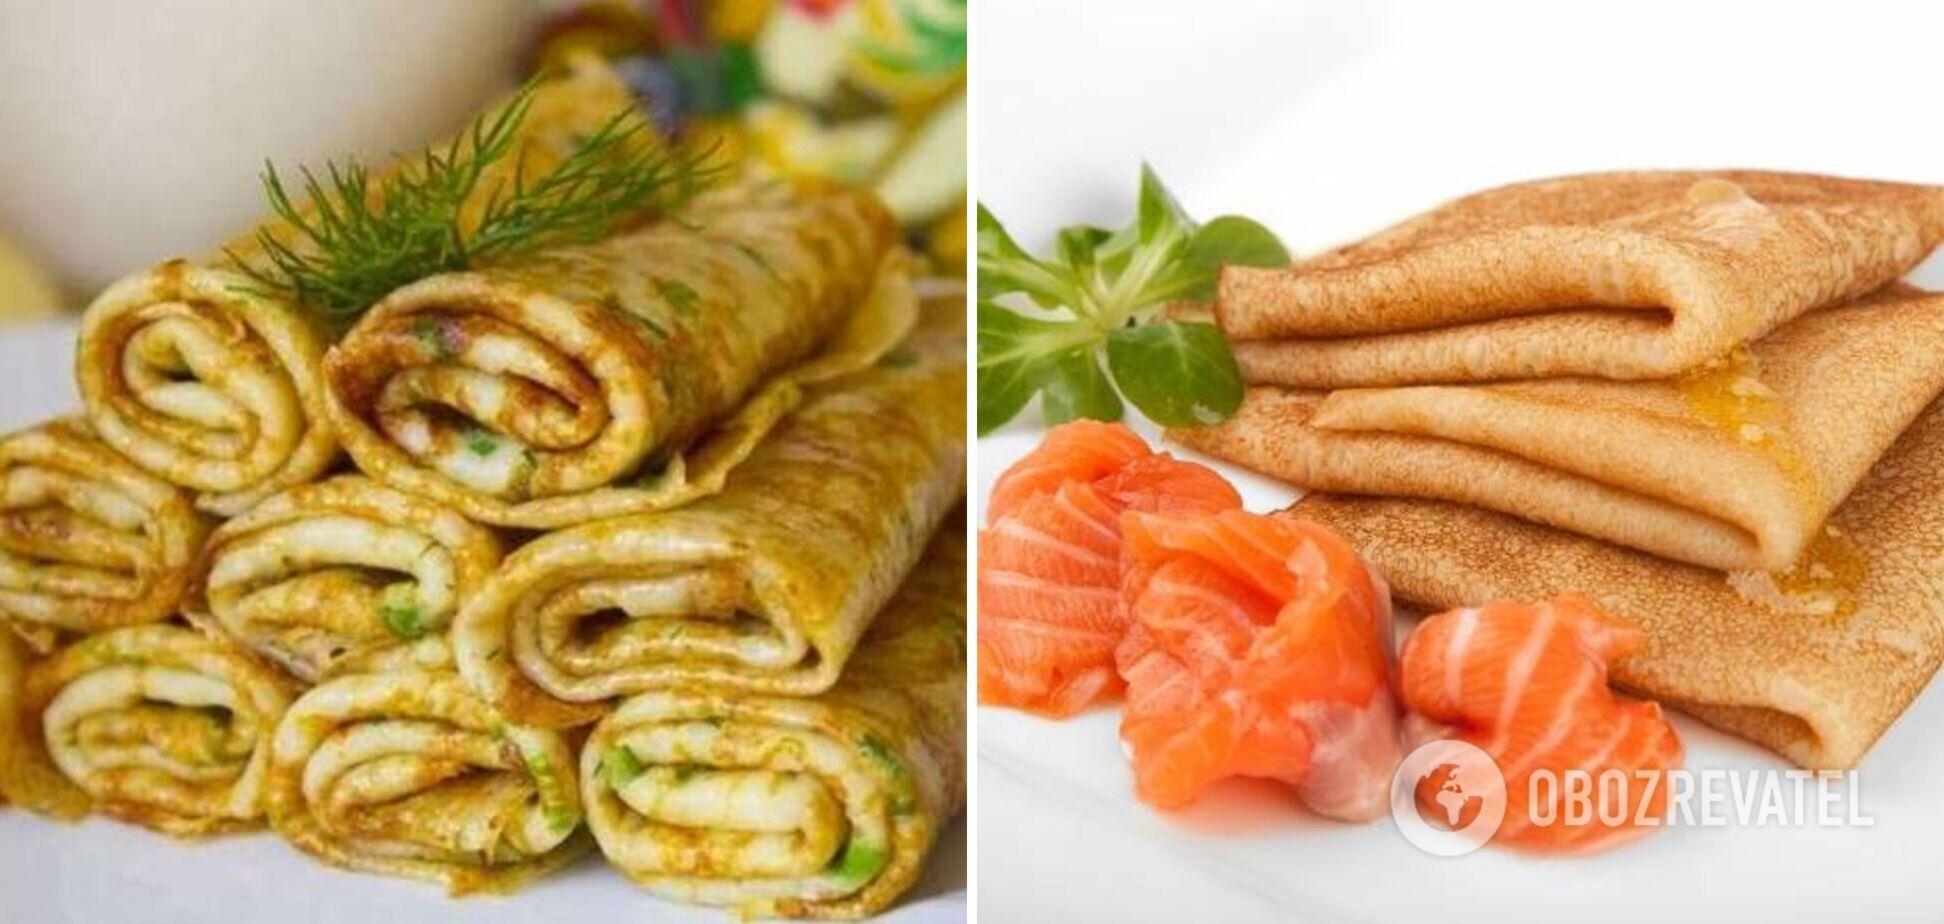 Полезные блины: перечень правильных ингредиентов для начинок